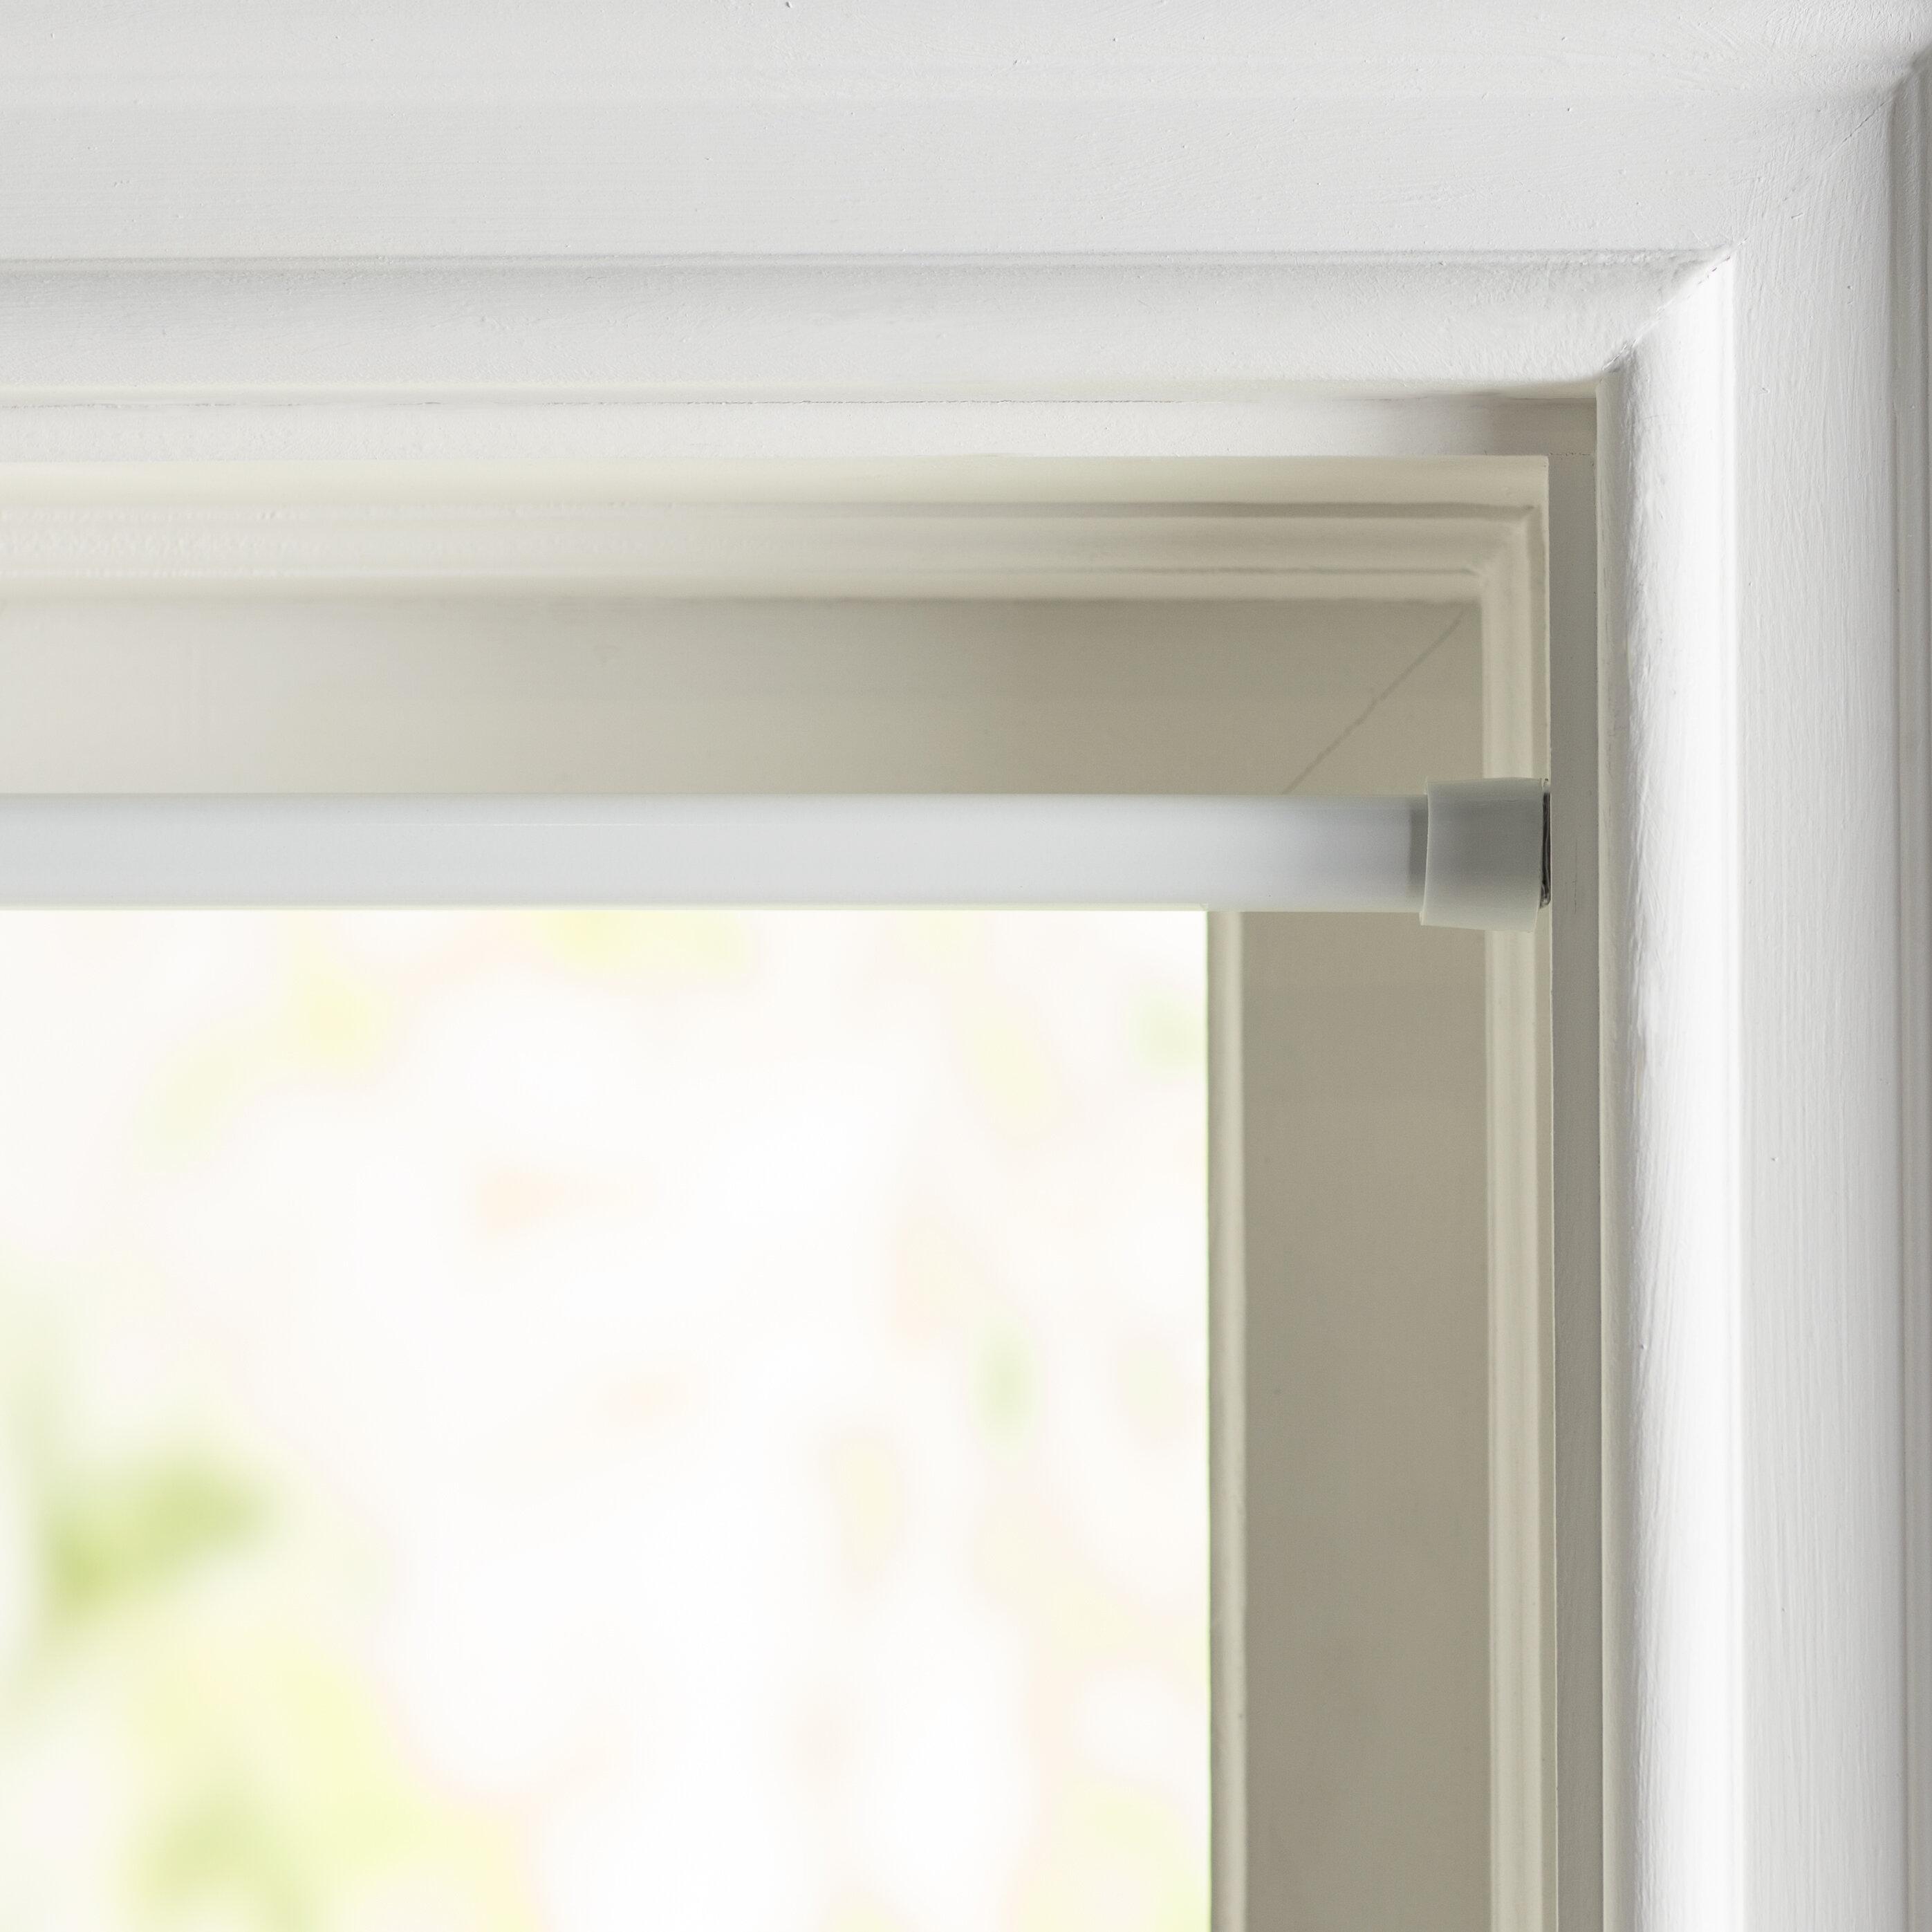 Wayfair Basics Oval Spring Curtain Tension Rod